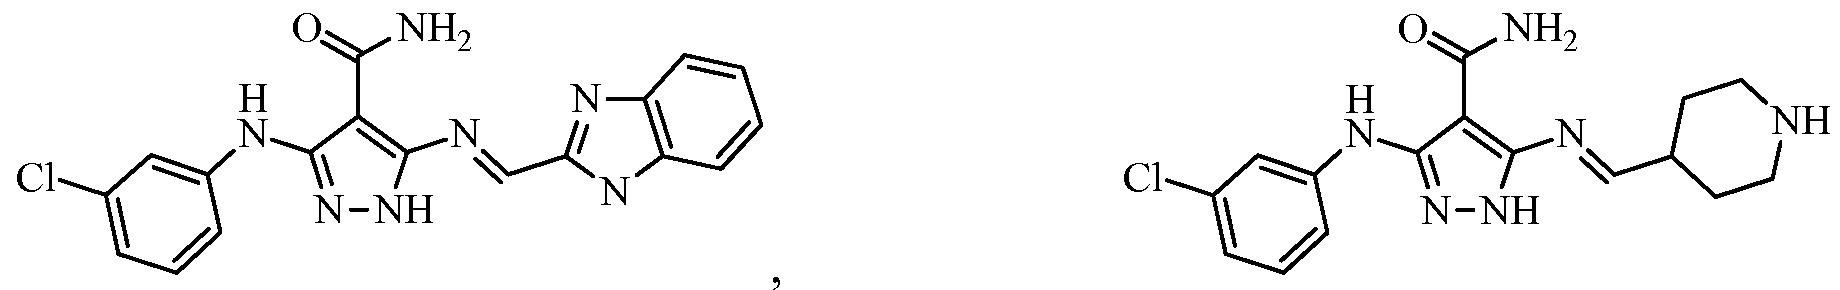 Figure imgf000178_0004